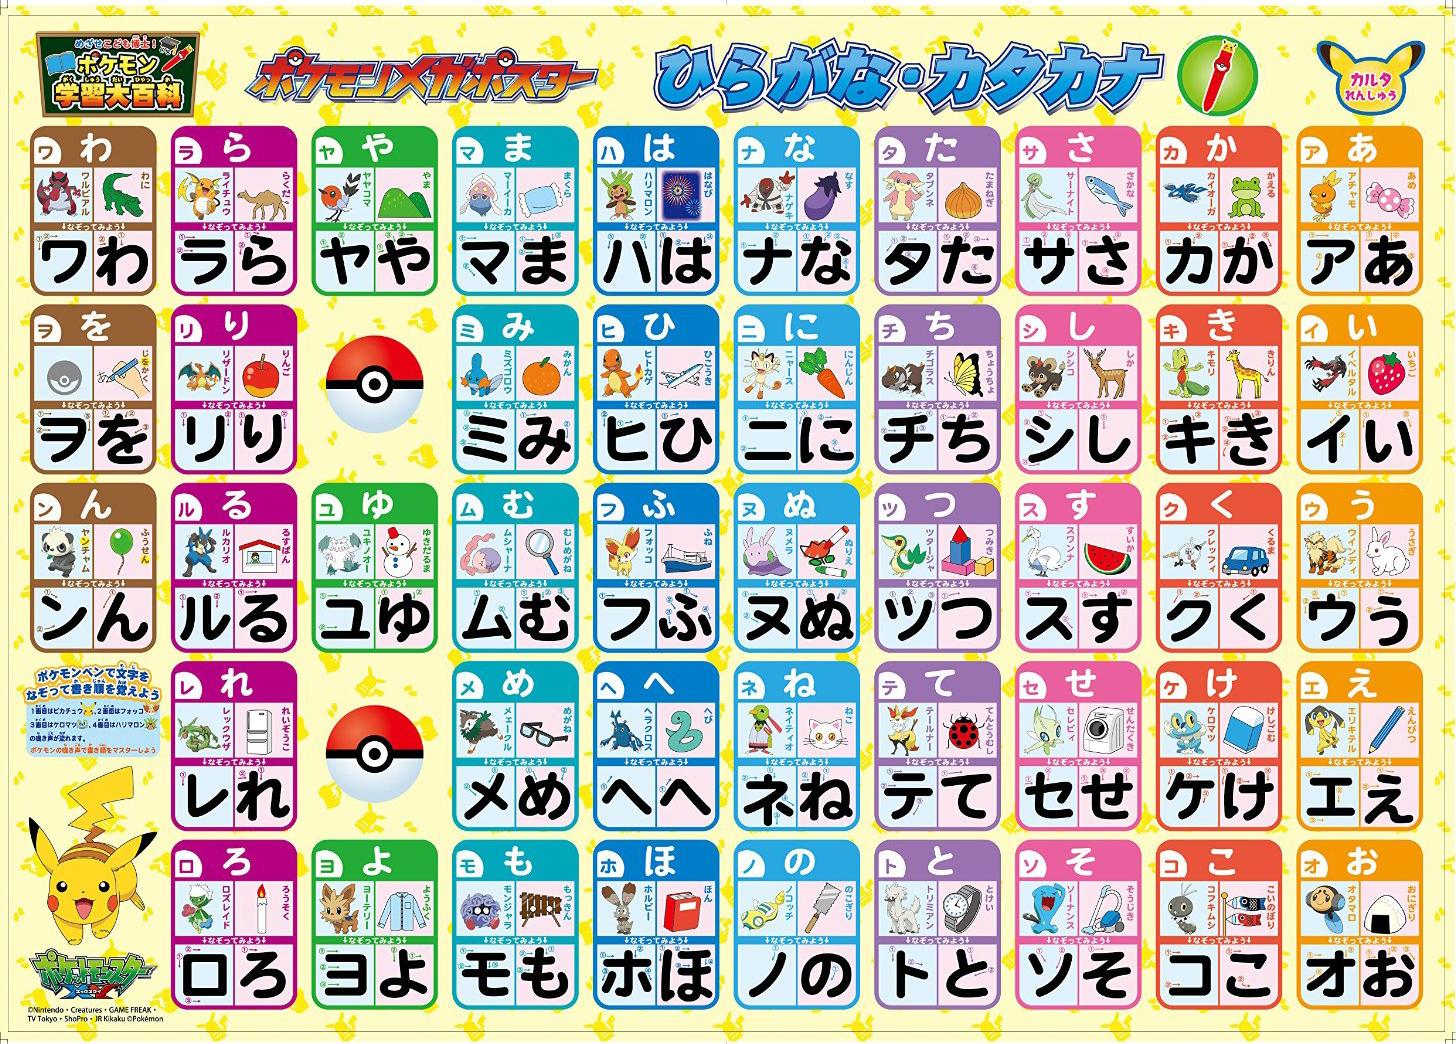 ese hiragana chart print out resume templates ese hiragana chart print out hiragana 27 able hiragana charts